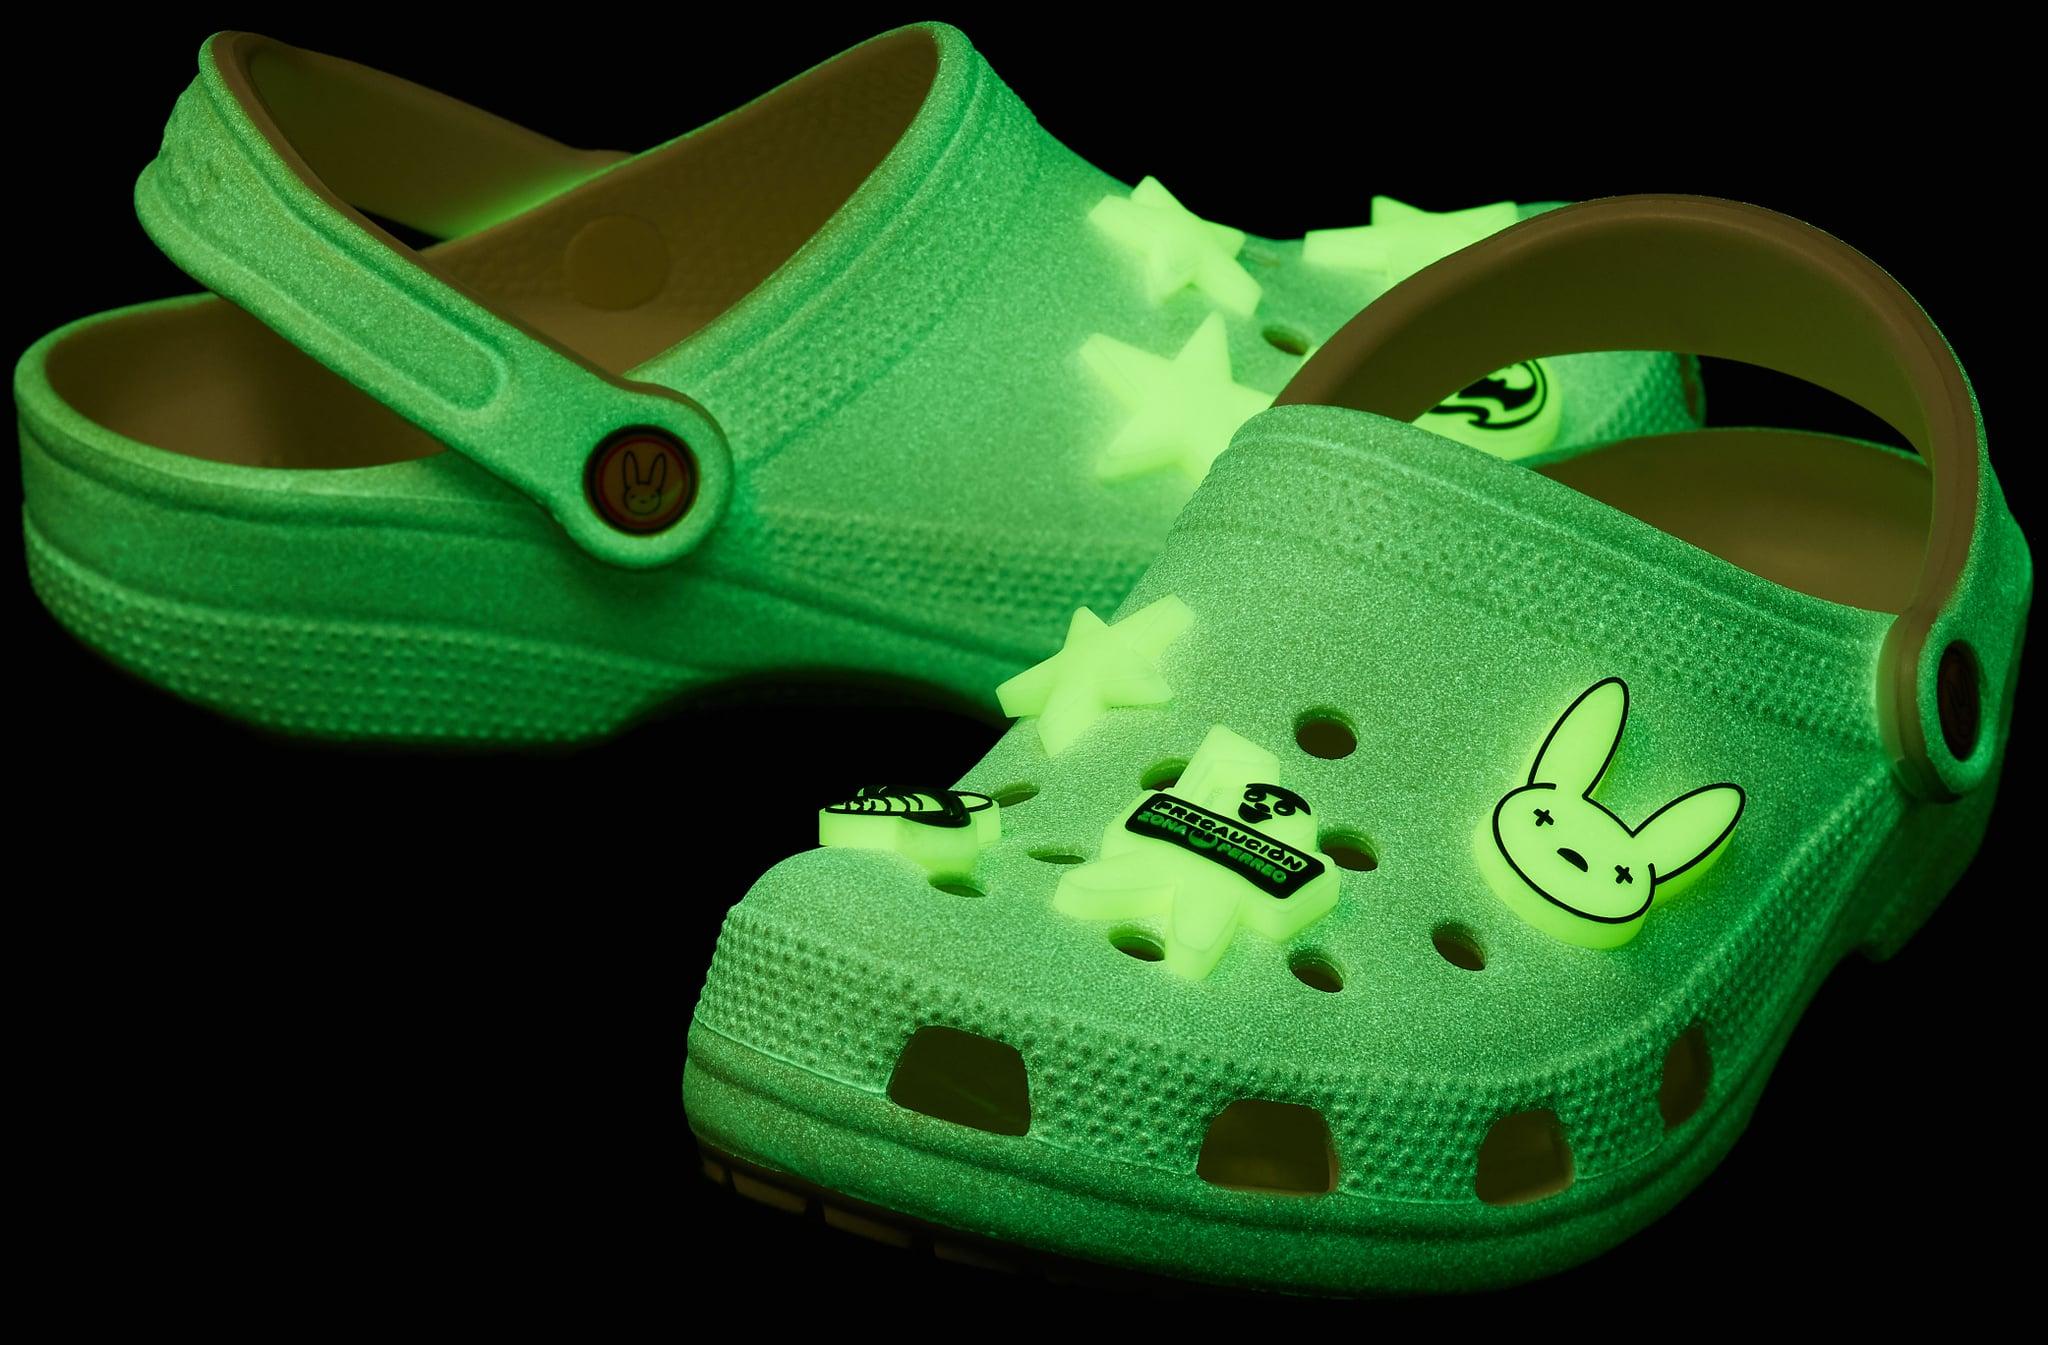 revolución ángulo Fraseología  Bad Bunny's Glow-in-the-Dark Crocs Collaboration   POPSUGAR Fashion UK